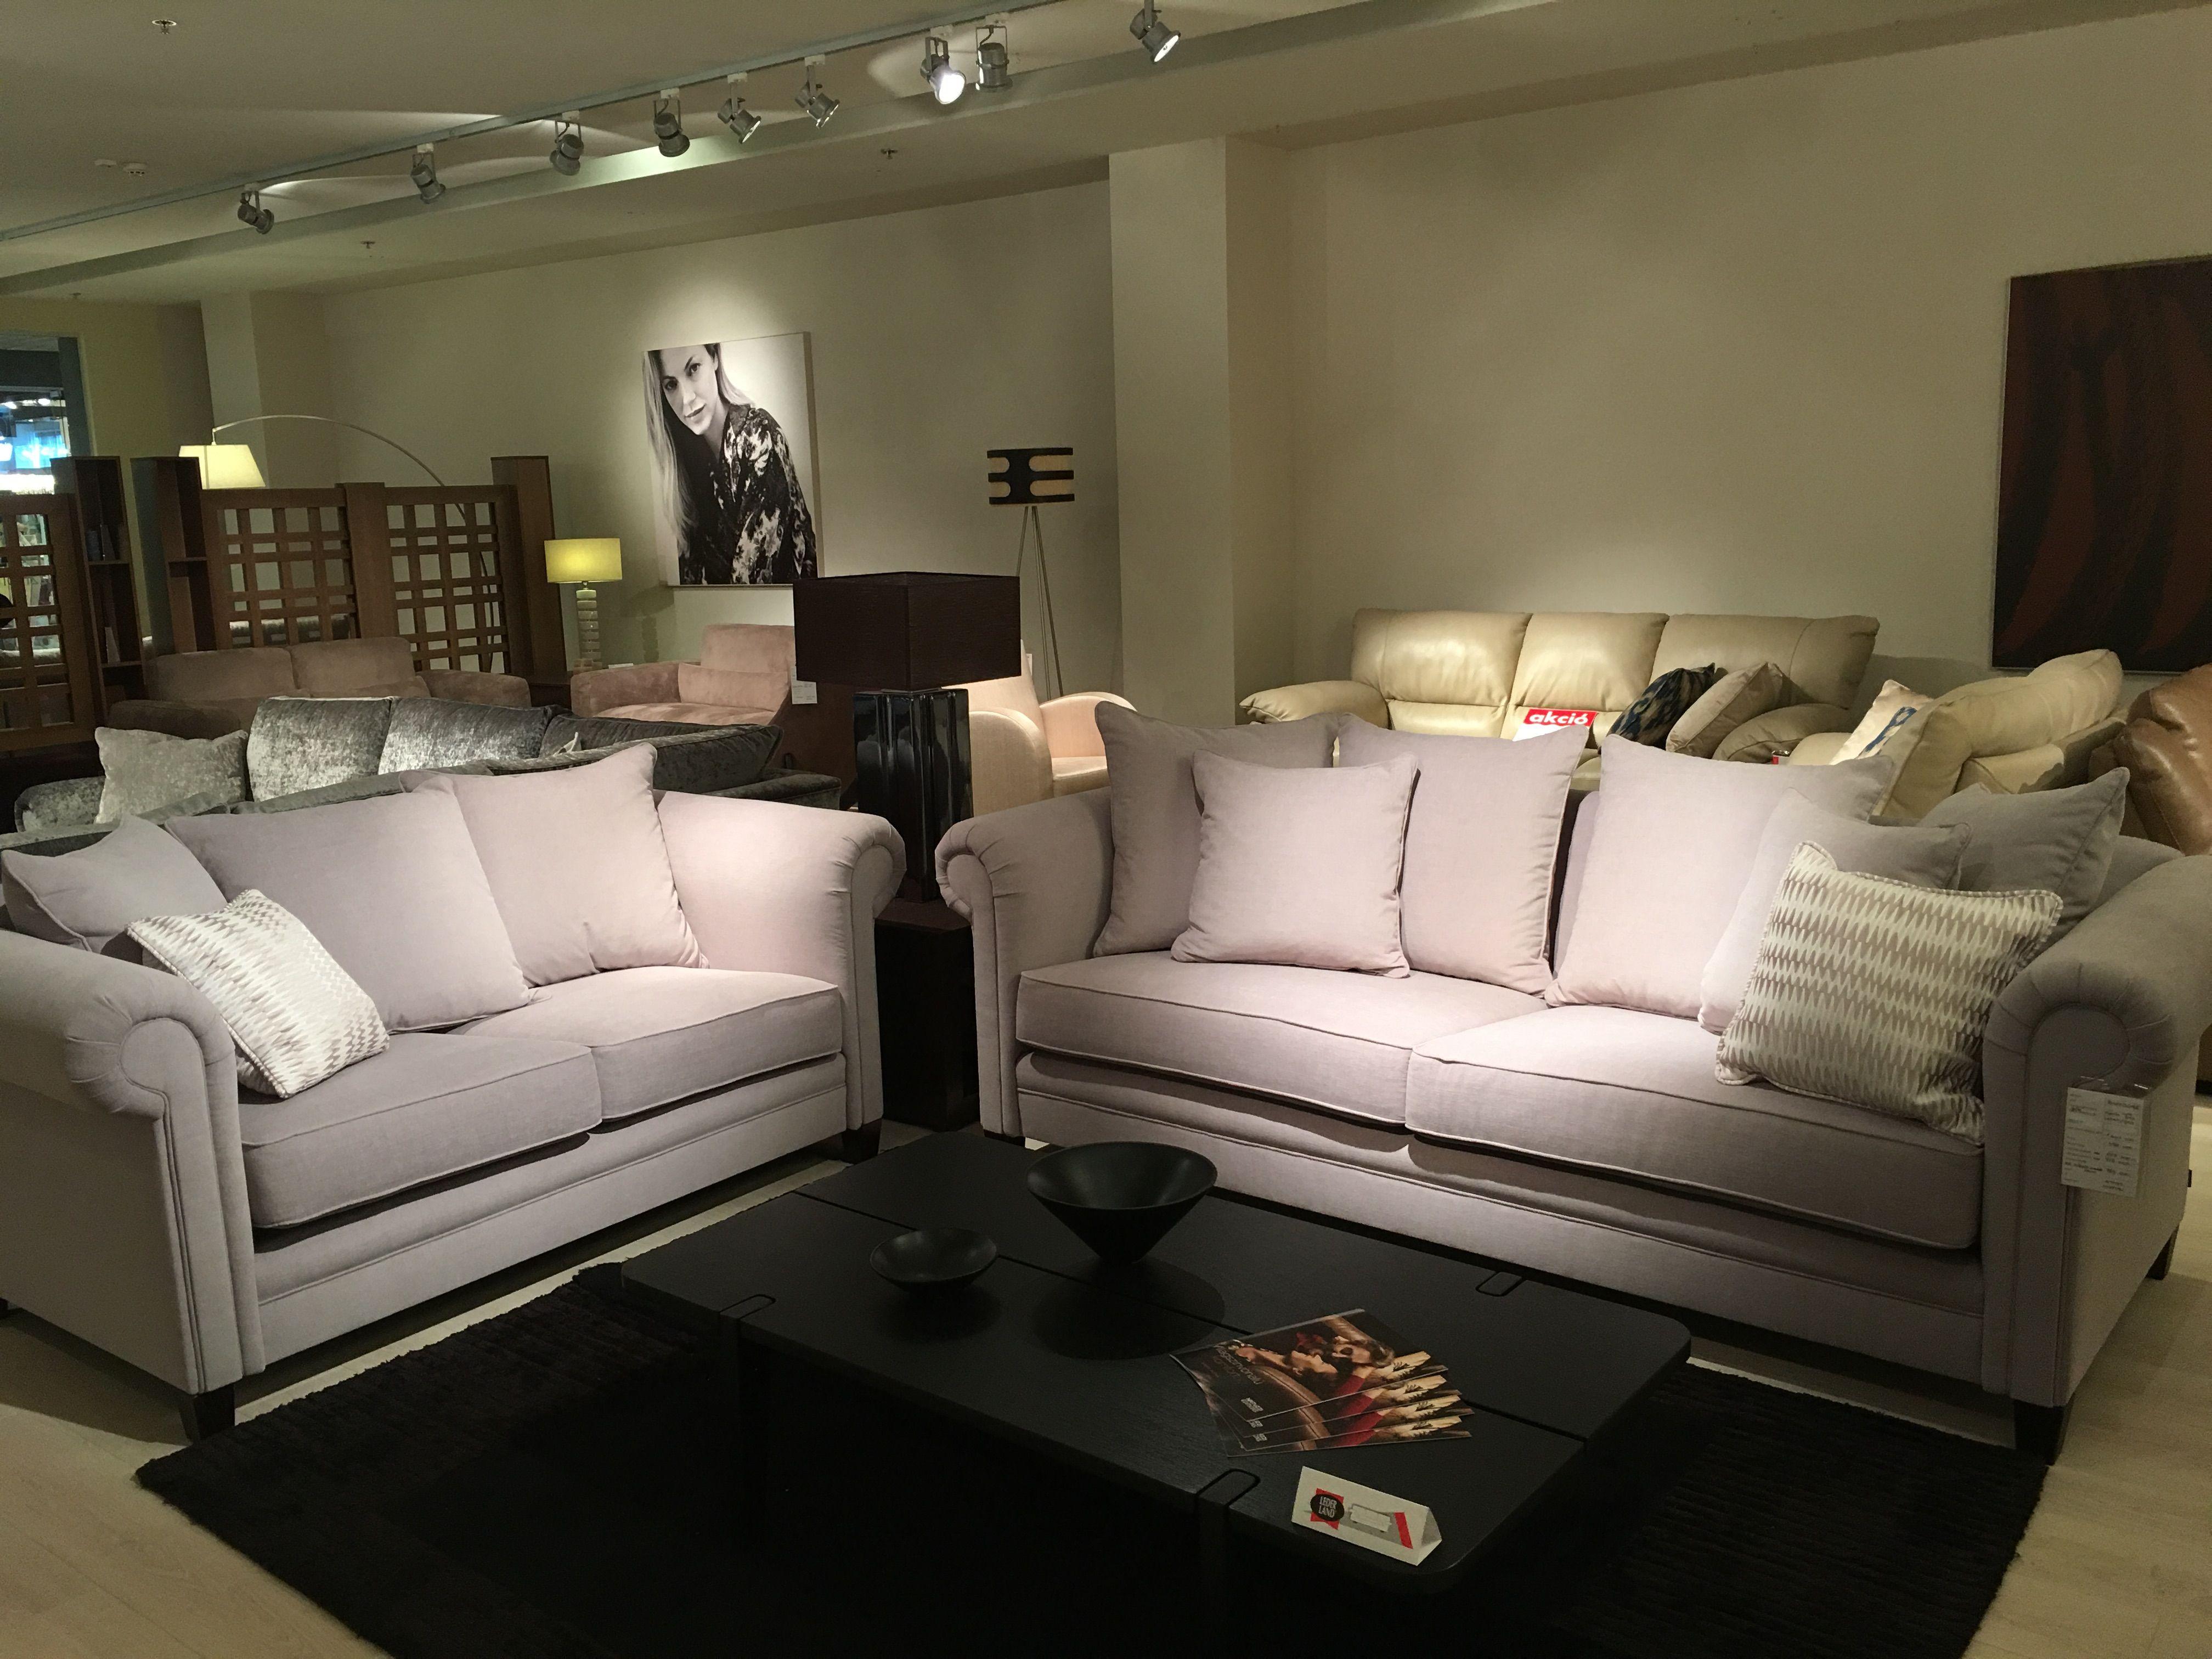 Macazz barnsdale nappali dívány ronilehel sofa furniture és couch